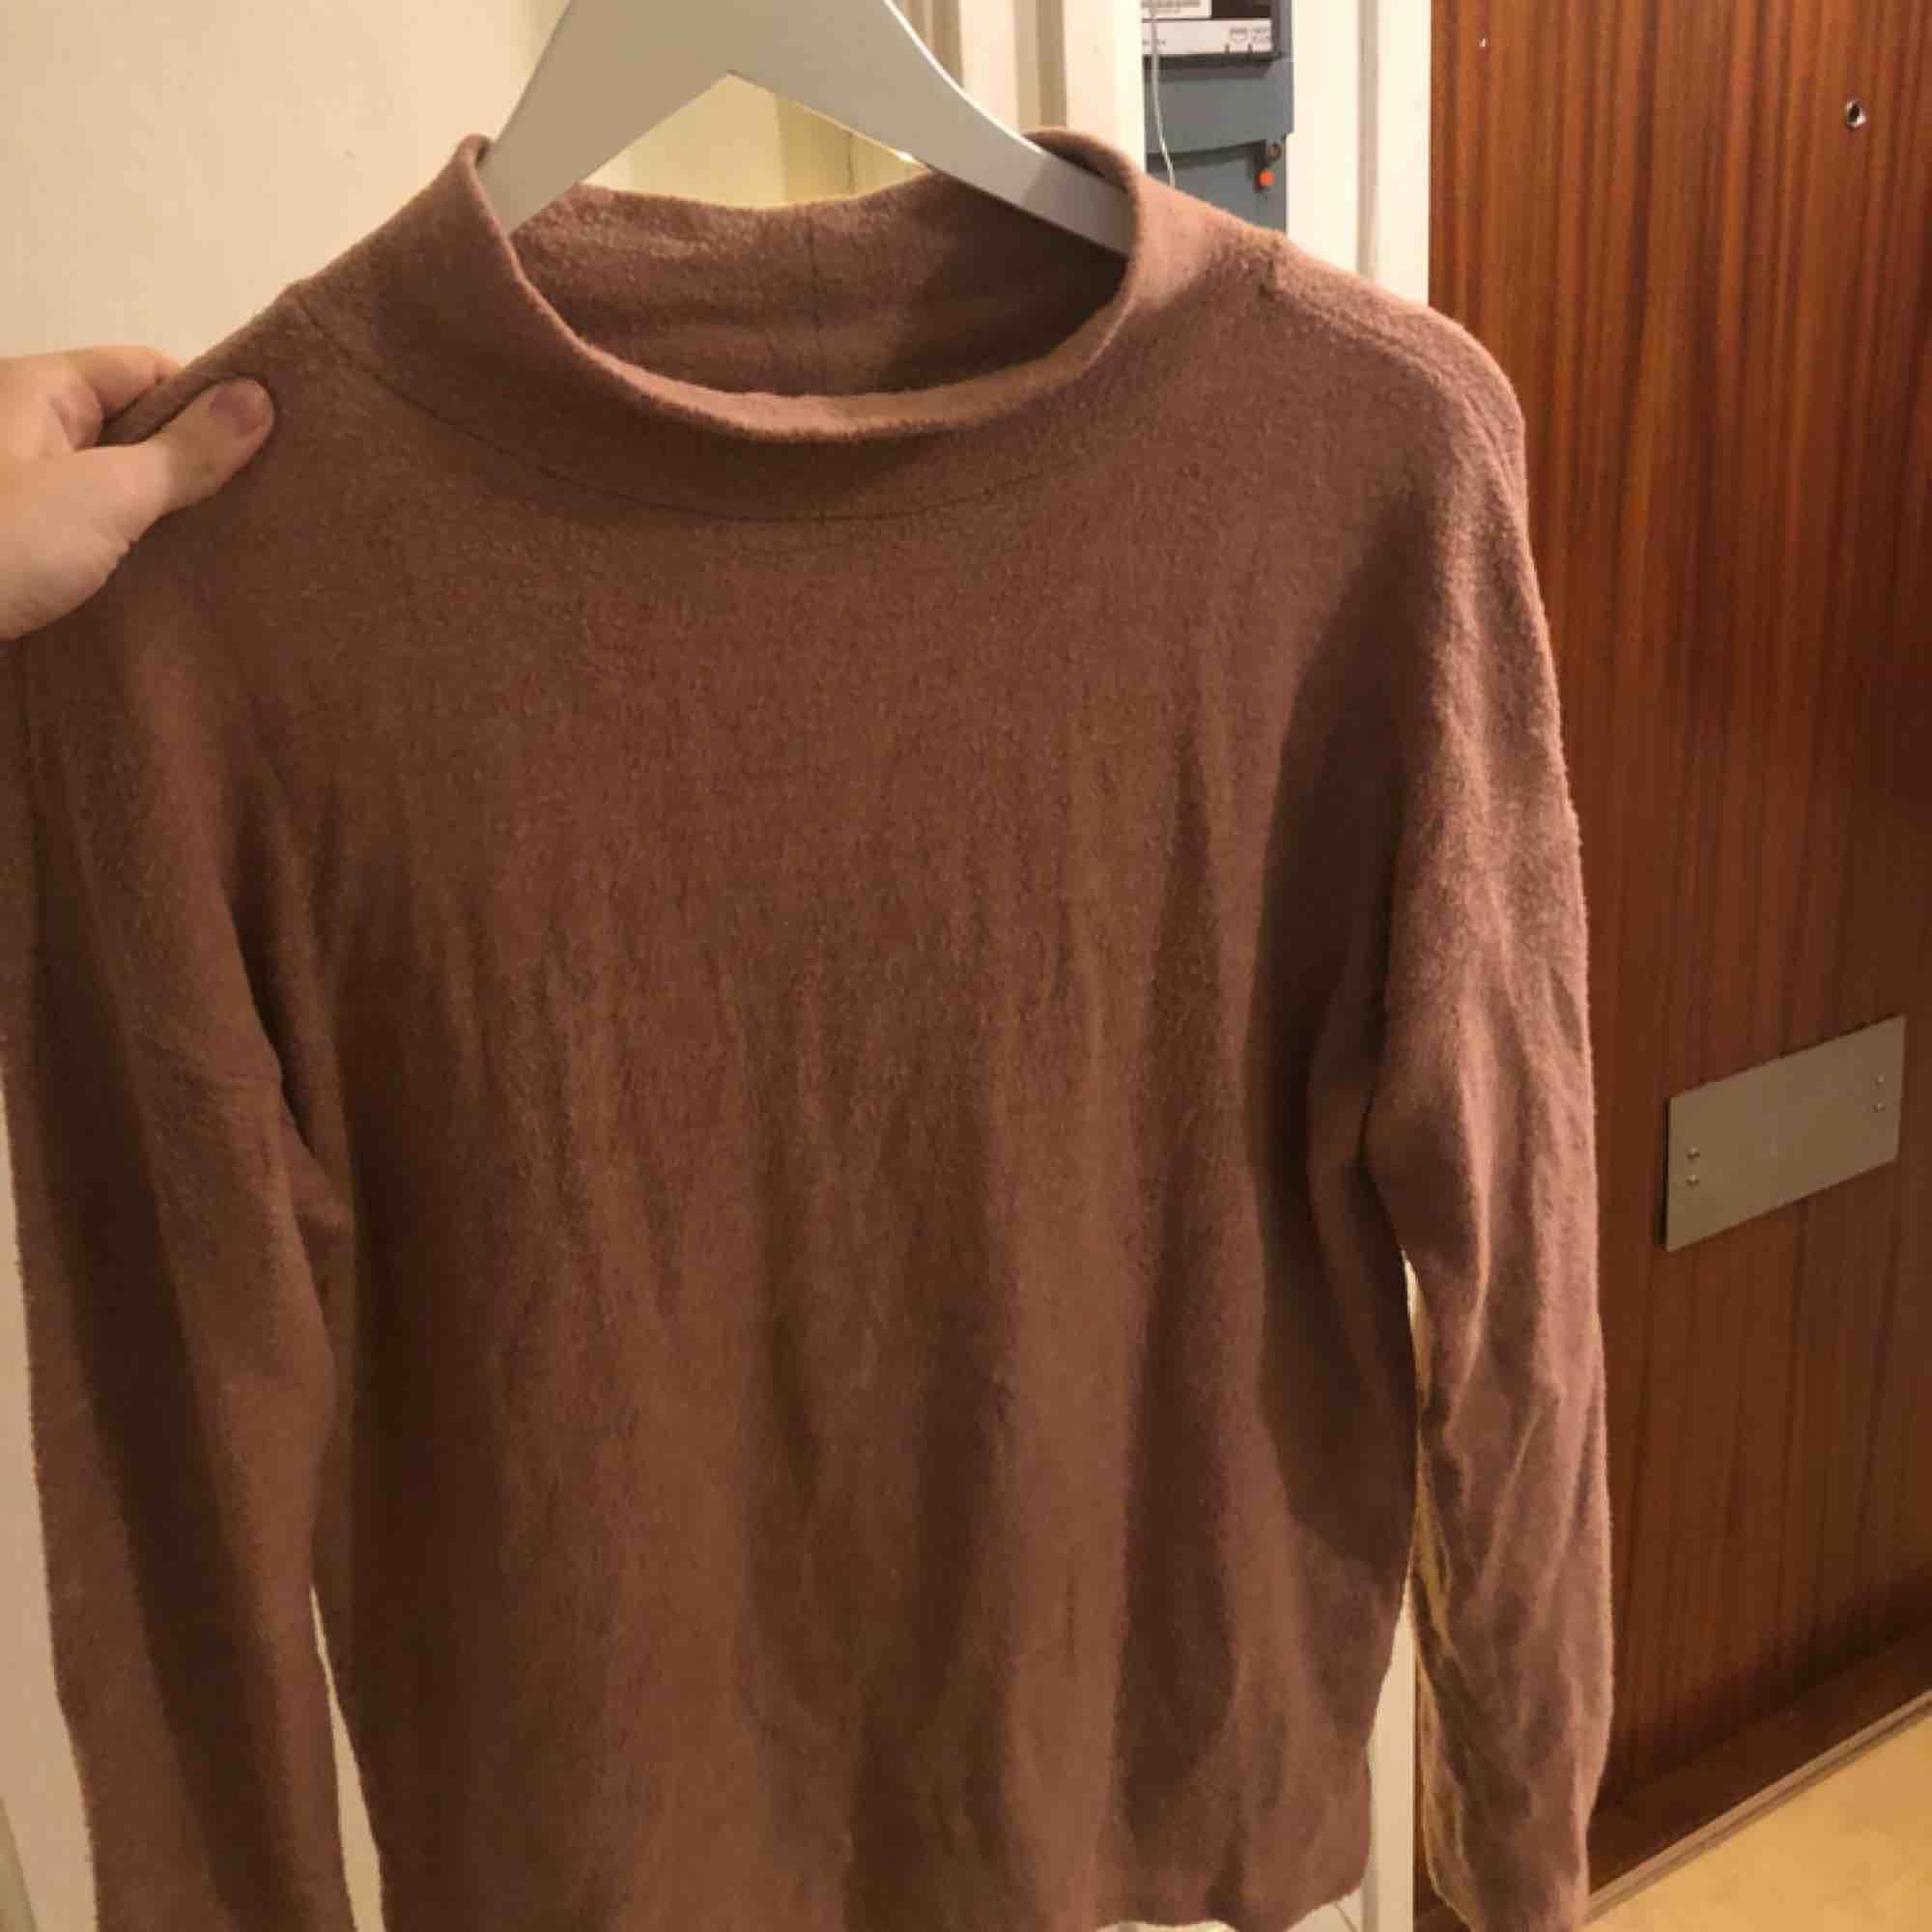 Gammelrosa tröja, sparsamt använd i fint skick. Priset är inklusive frakt, betalning via swish 💃🏽. Tröjor & Koftor.